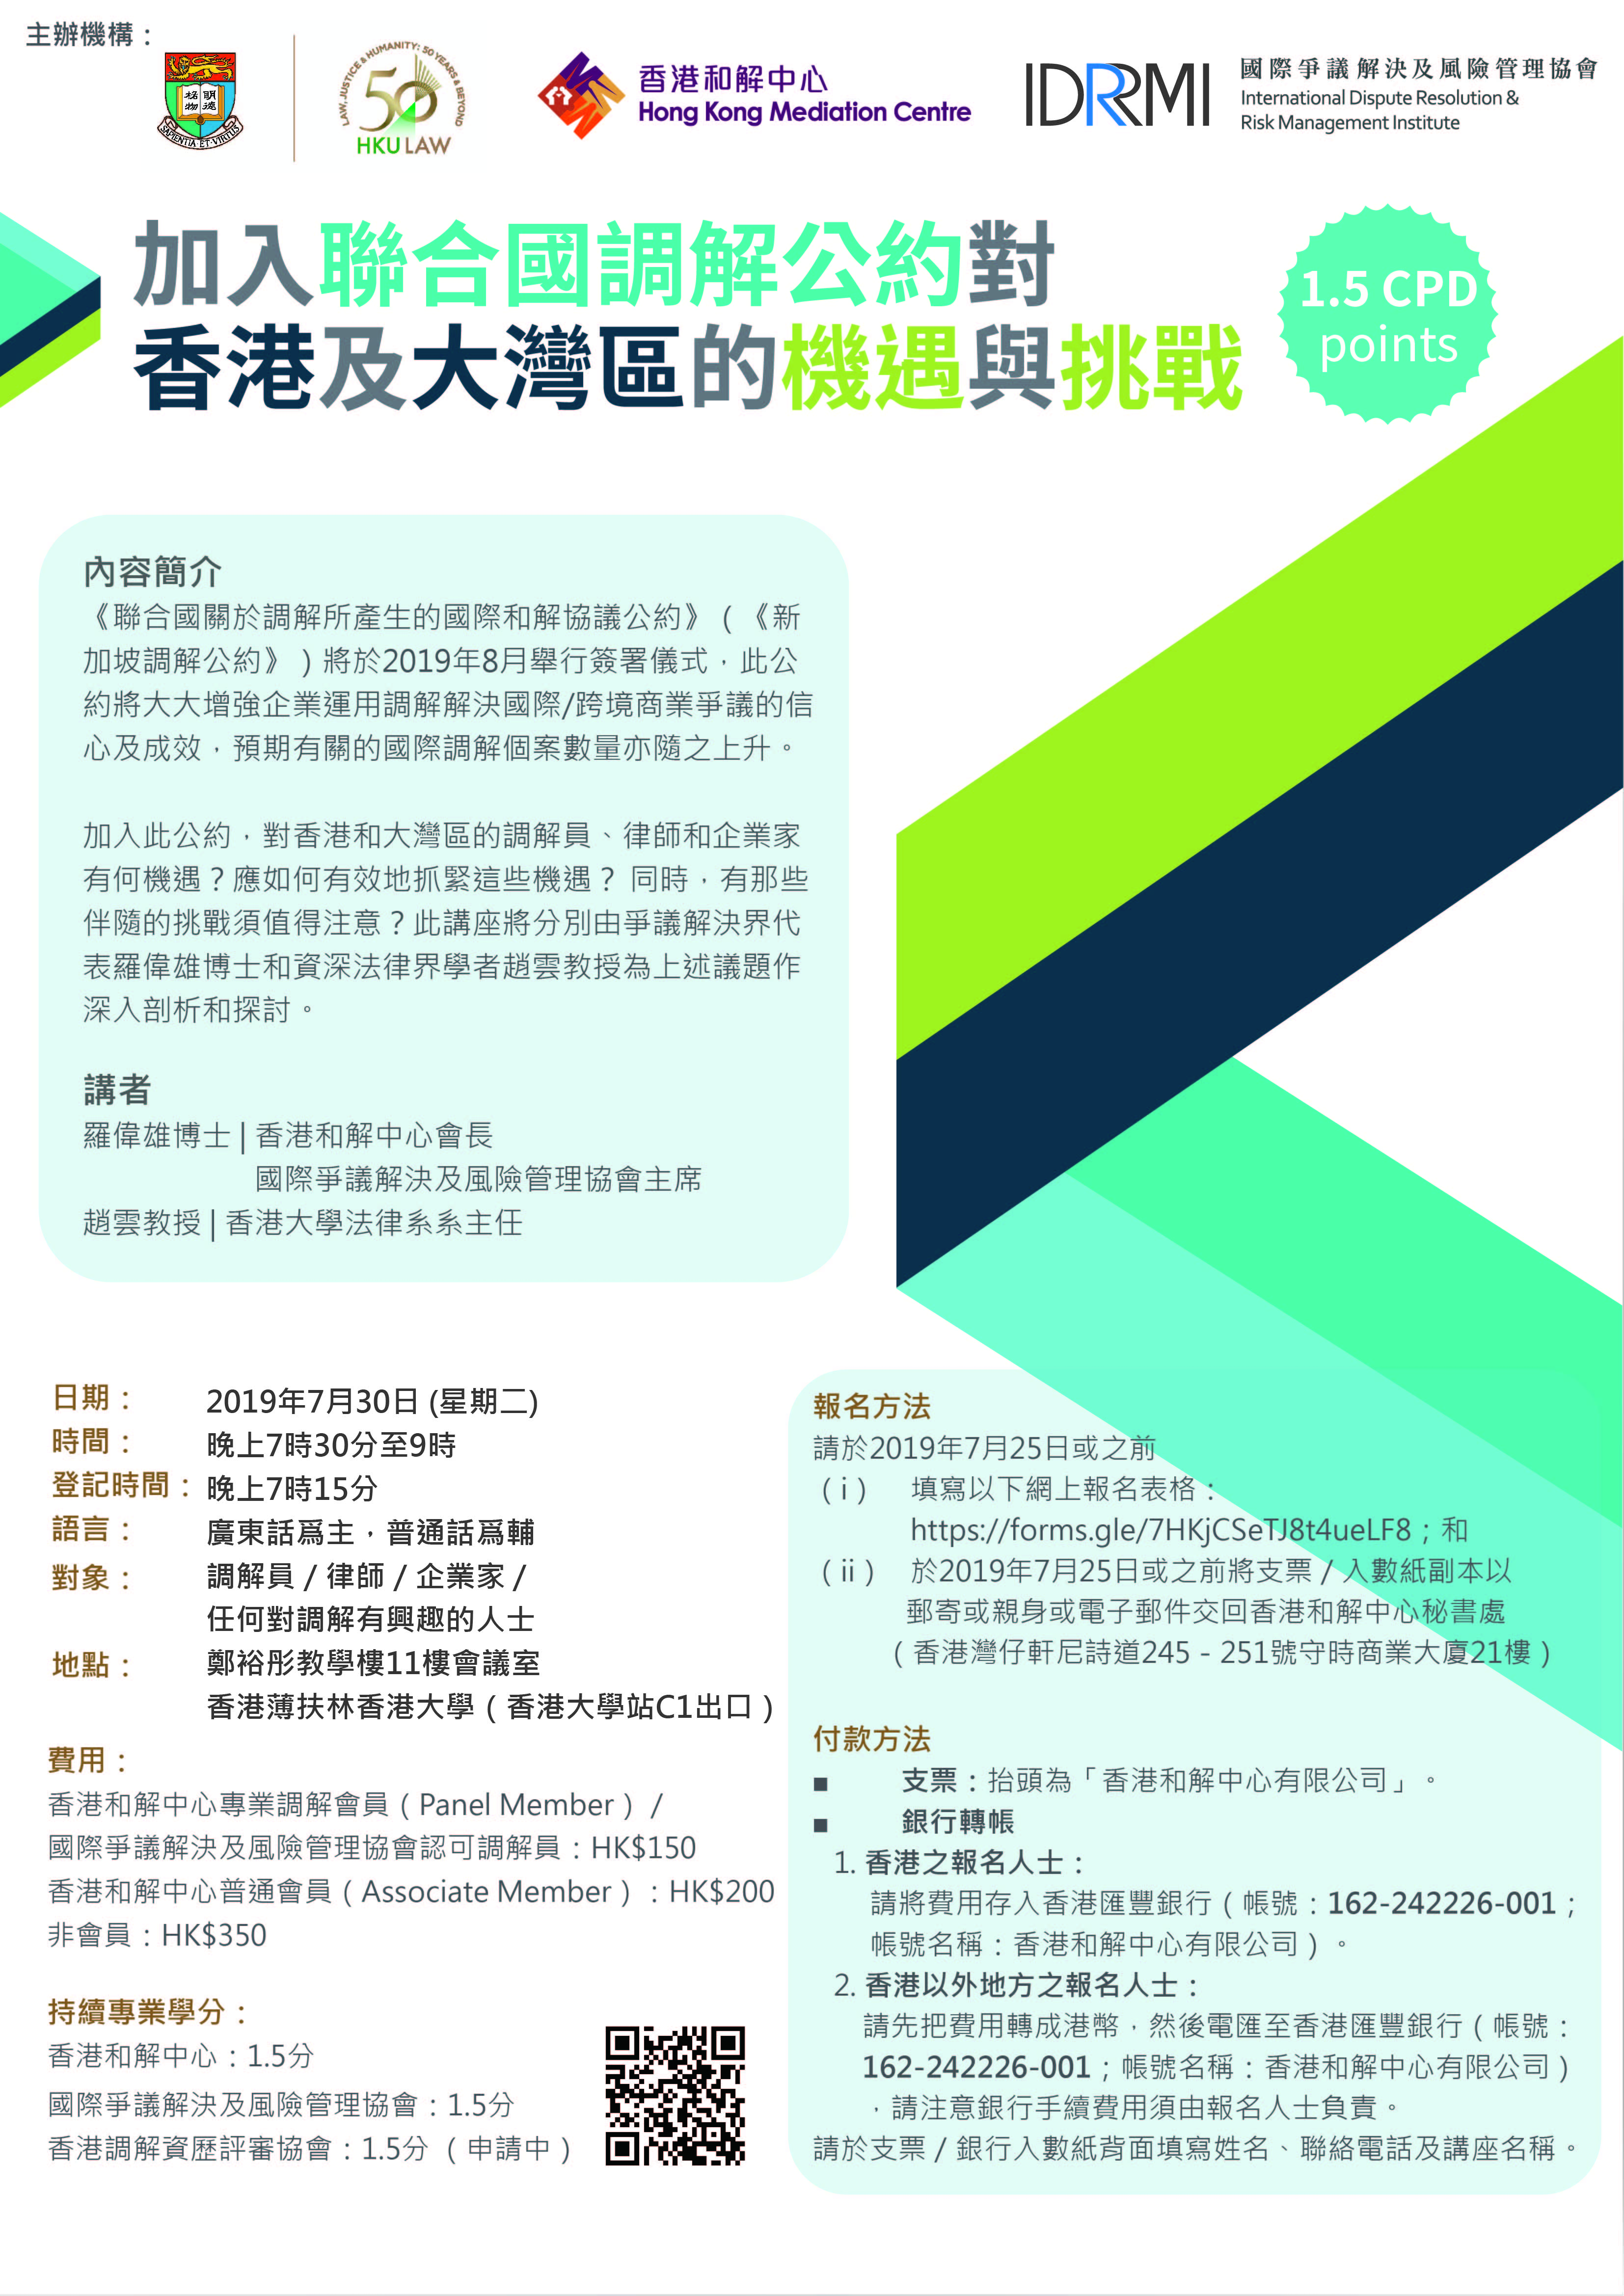 講座 加入聯合國調解公約對香港及大灣區的機遇與挑戰 1